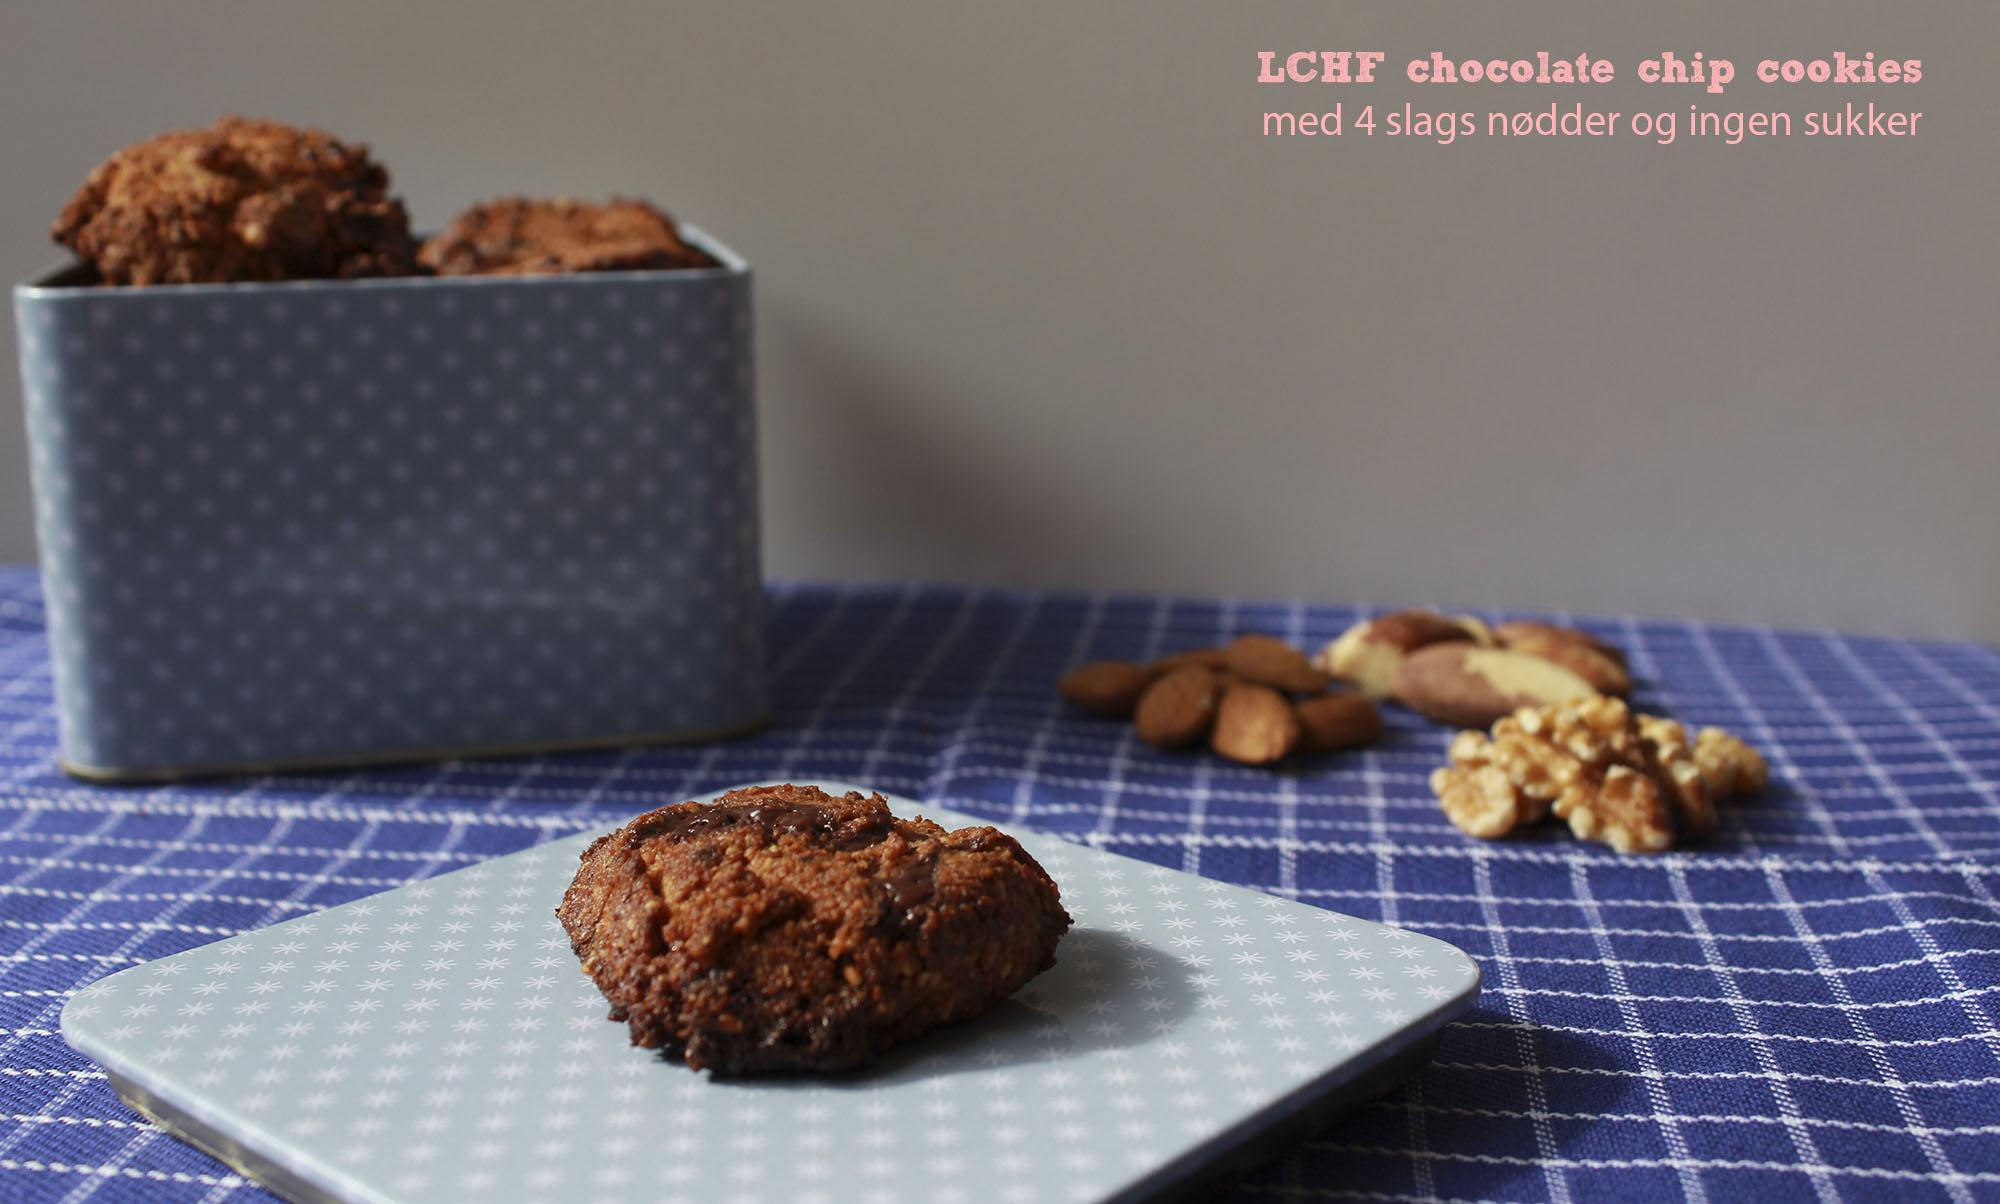 LCHF chocolate chip cookies med 4 slags nødder og ingen sukker